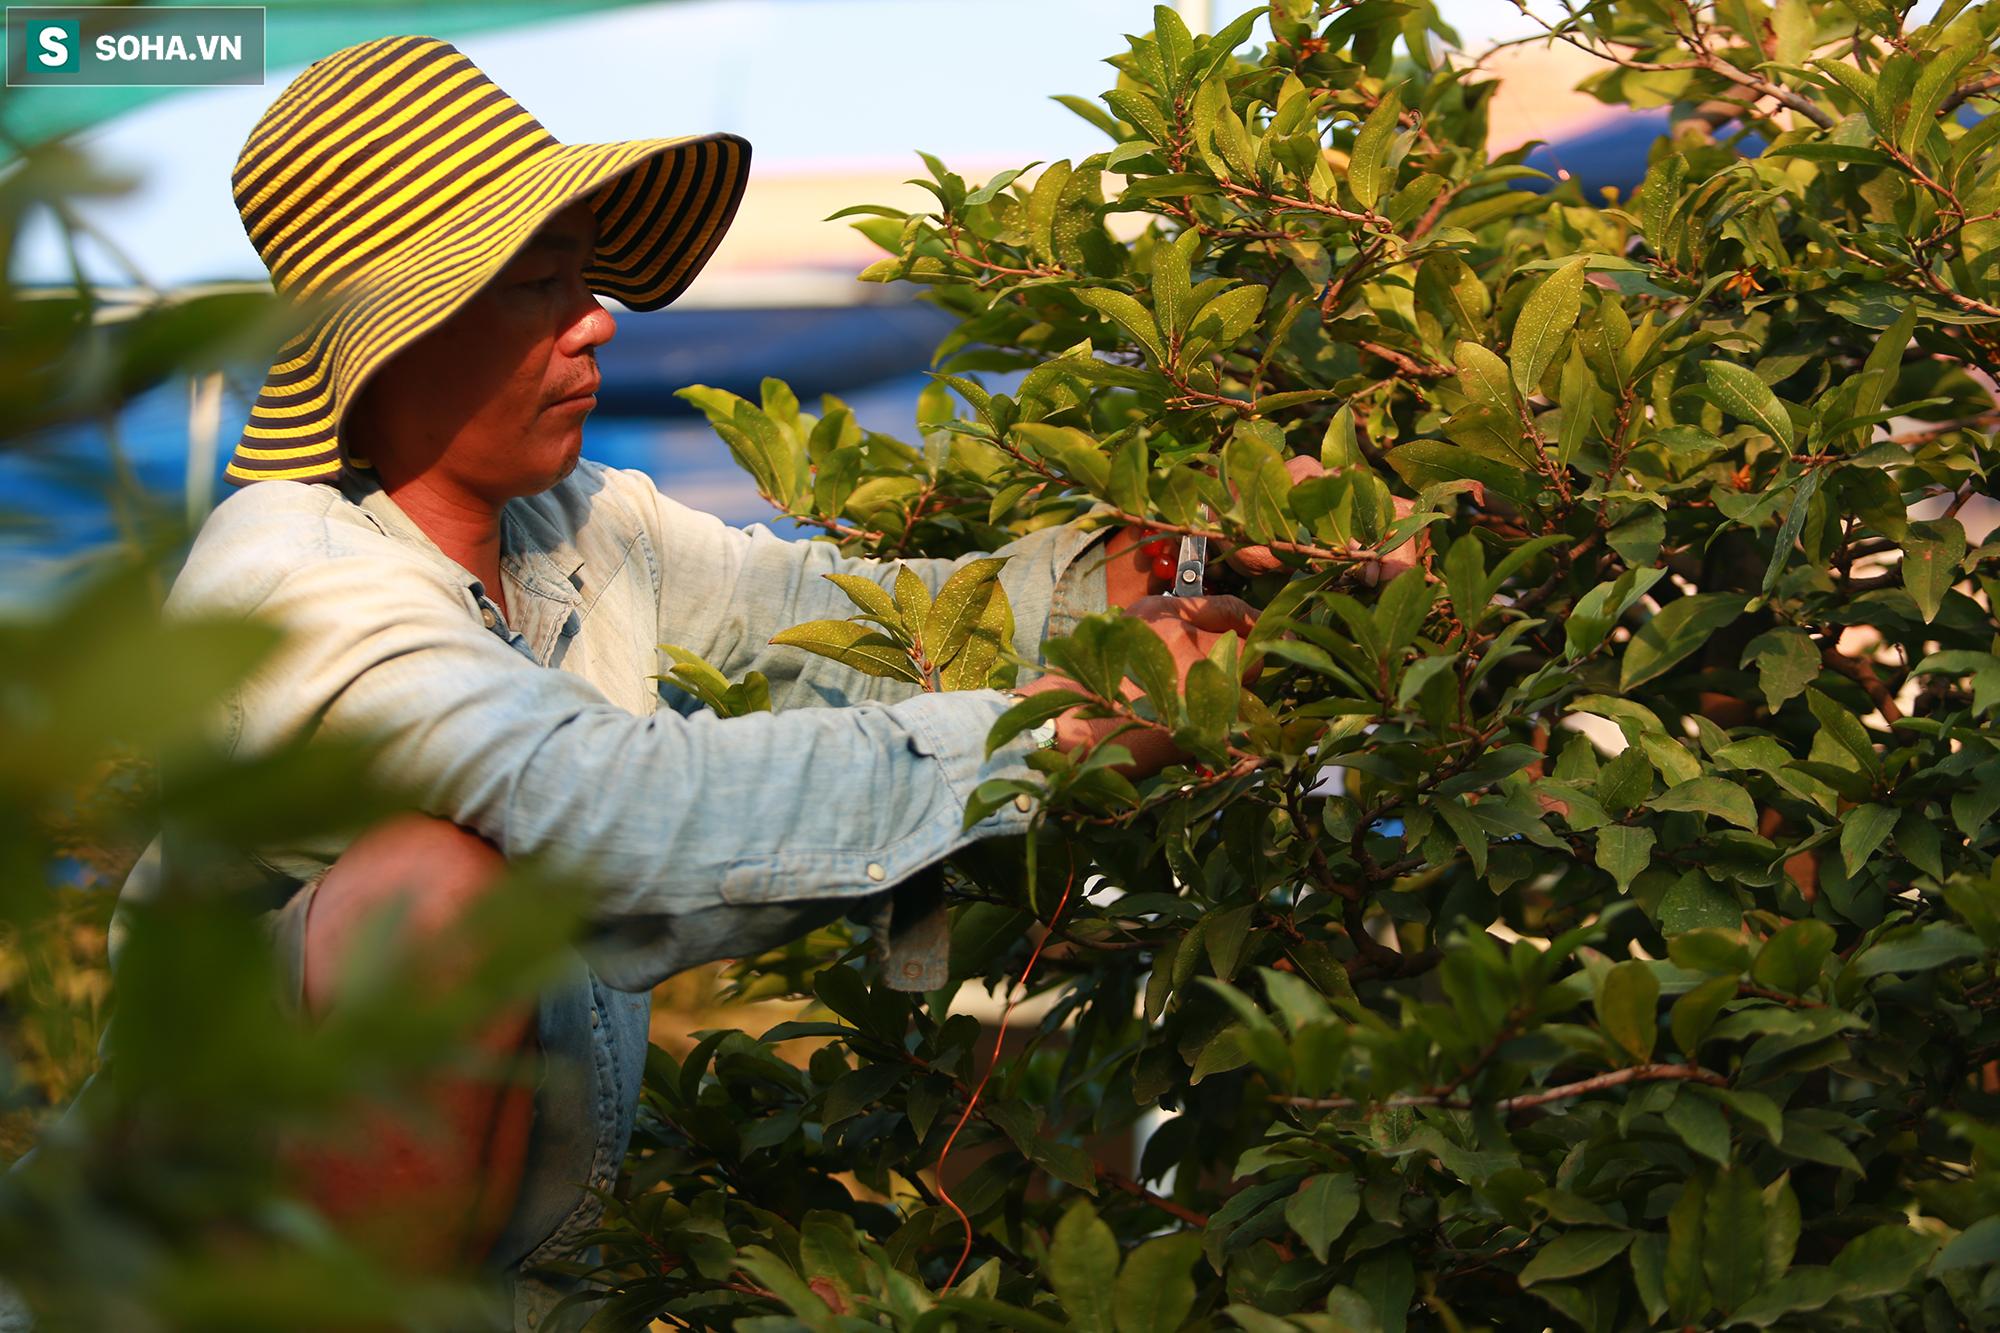 [Ảnh] Hàng nghìn cây mai nở sớm trước Tết cả tháng, chủ vườn mất trắng 15 tỷ đồng - Ảnh 13.